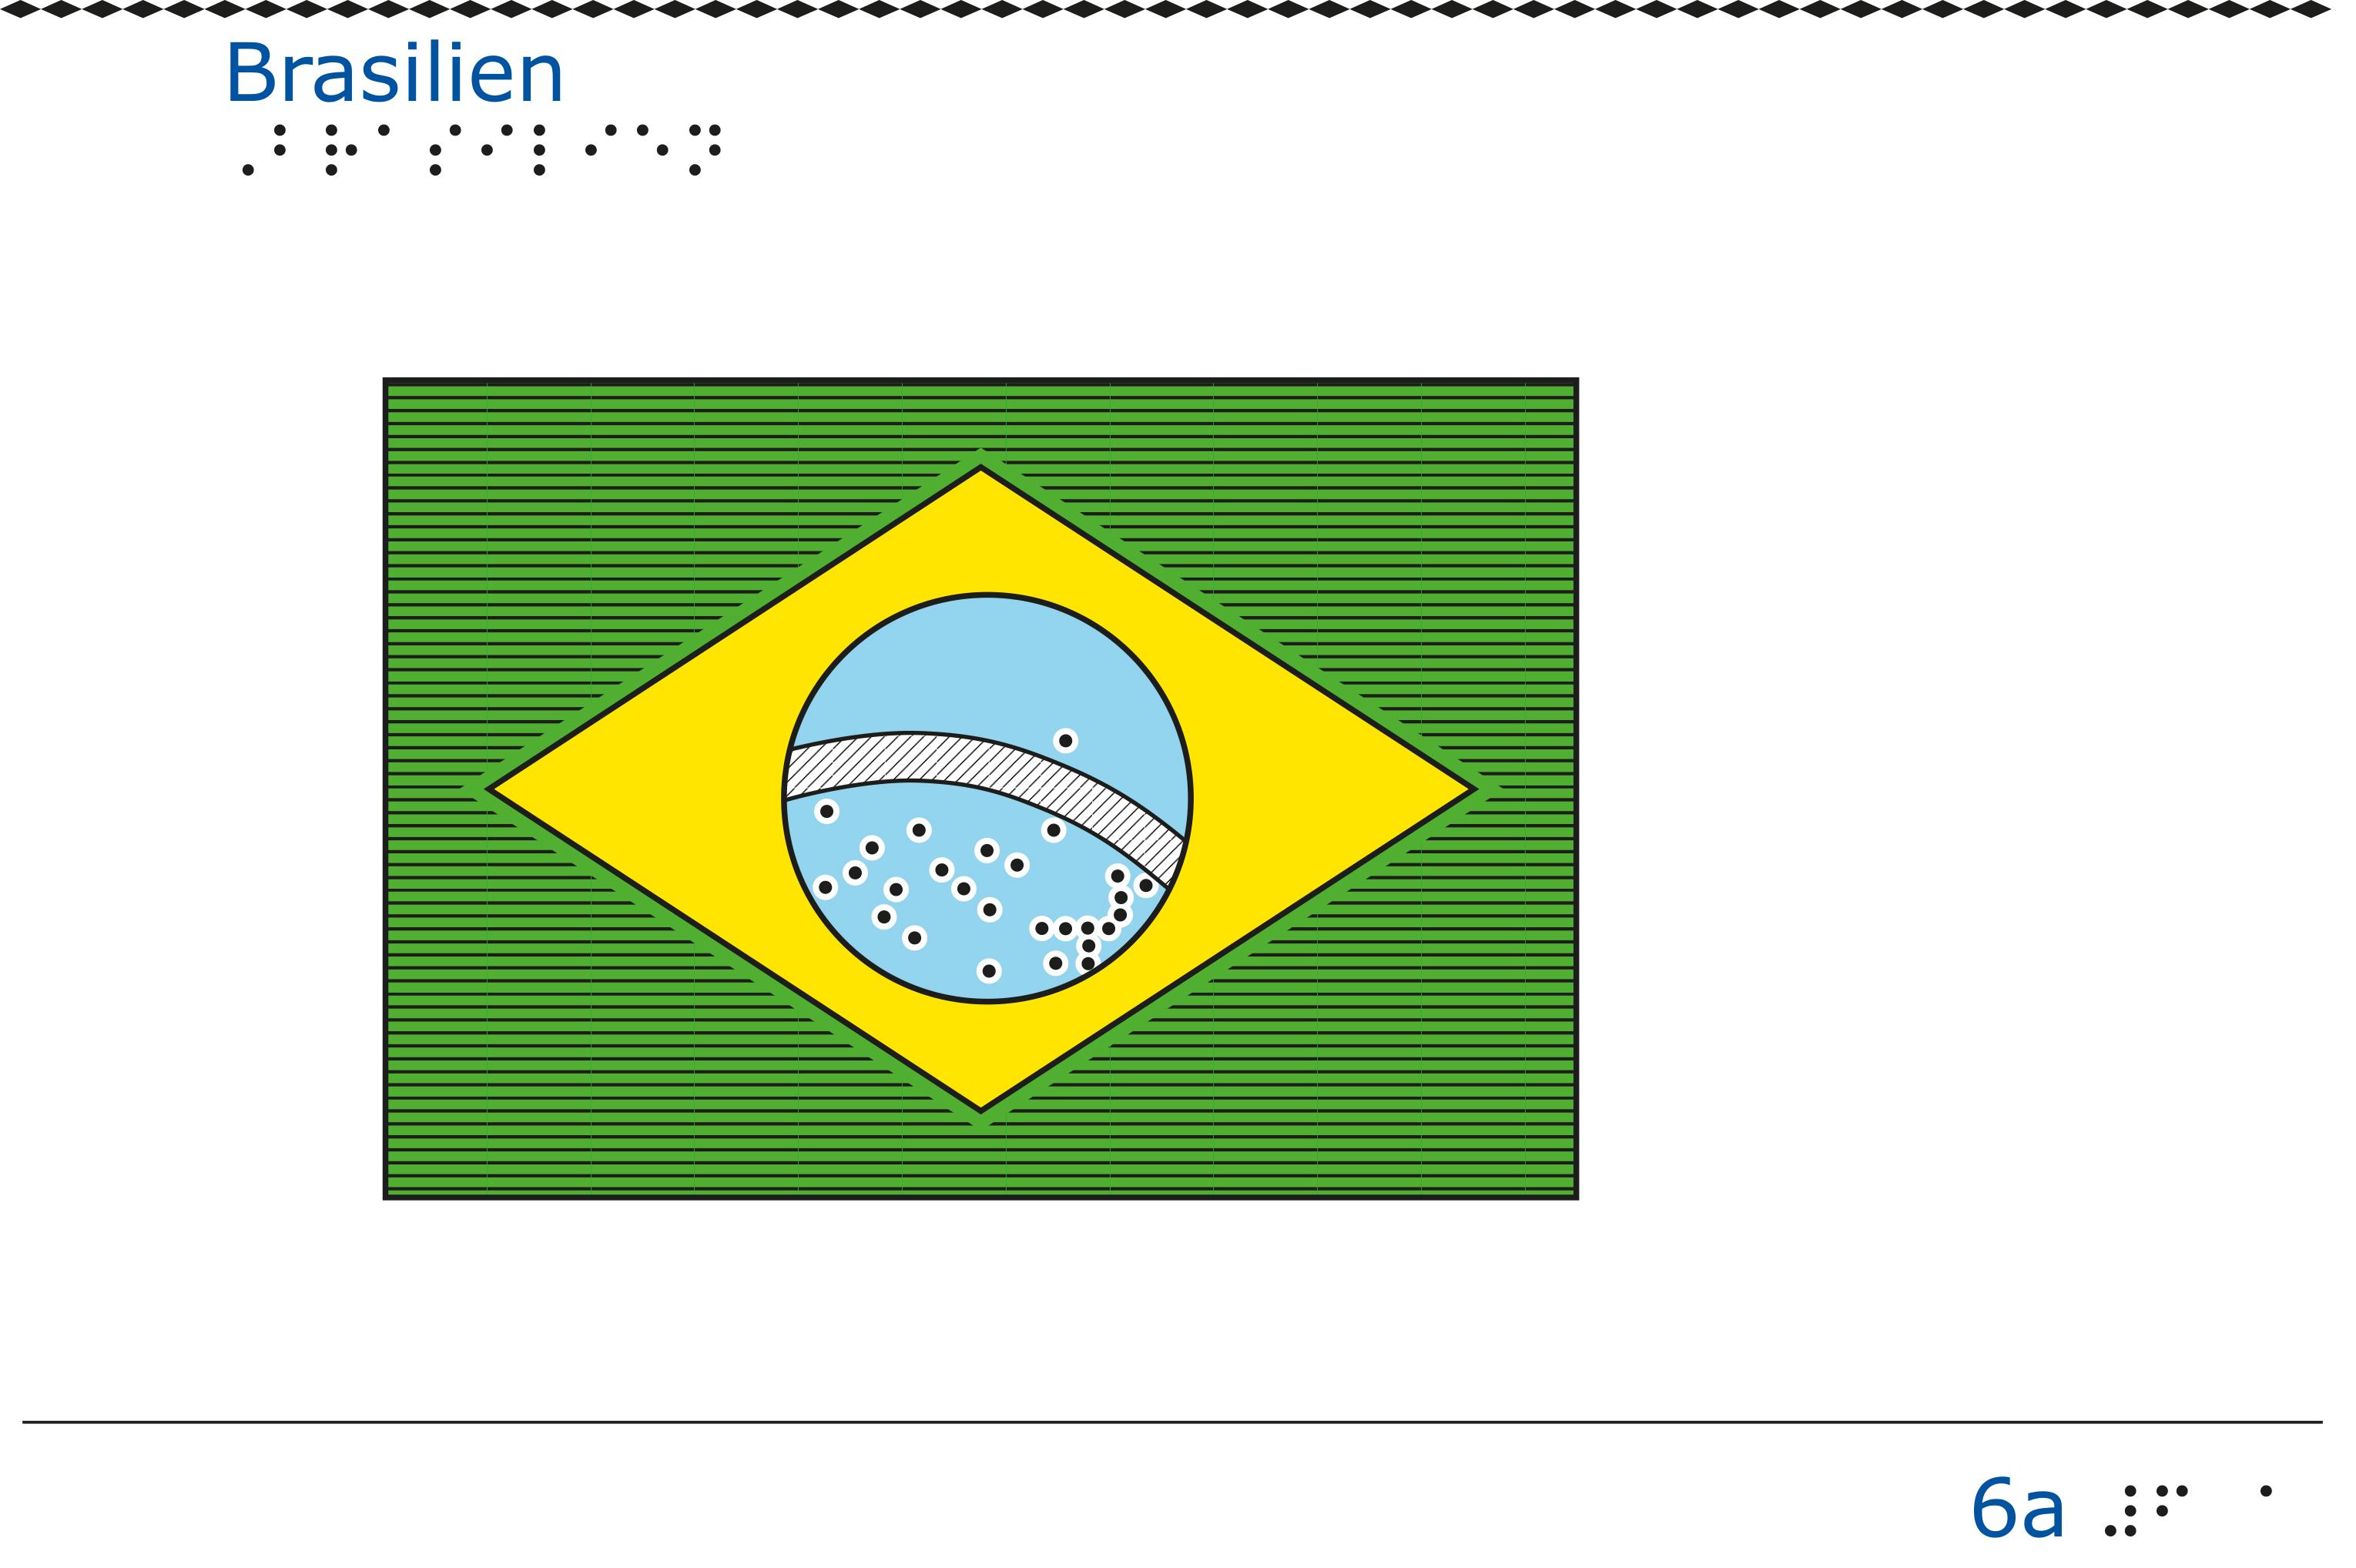 Taktil bild - Brasilien flagga.